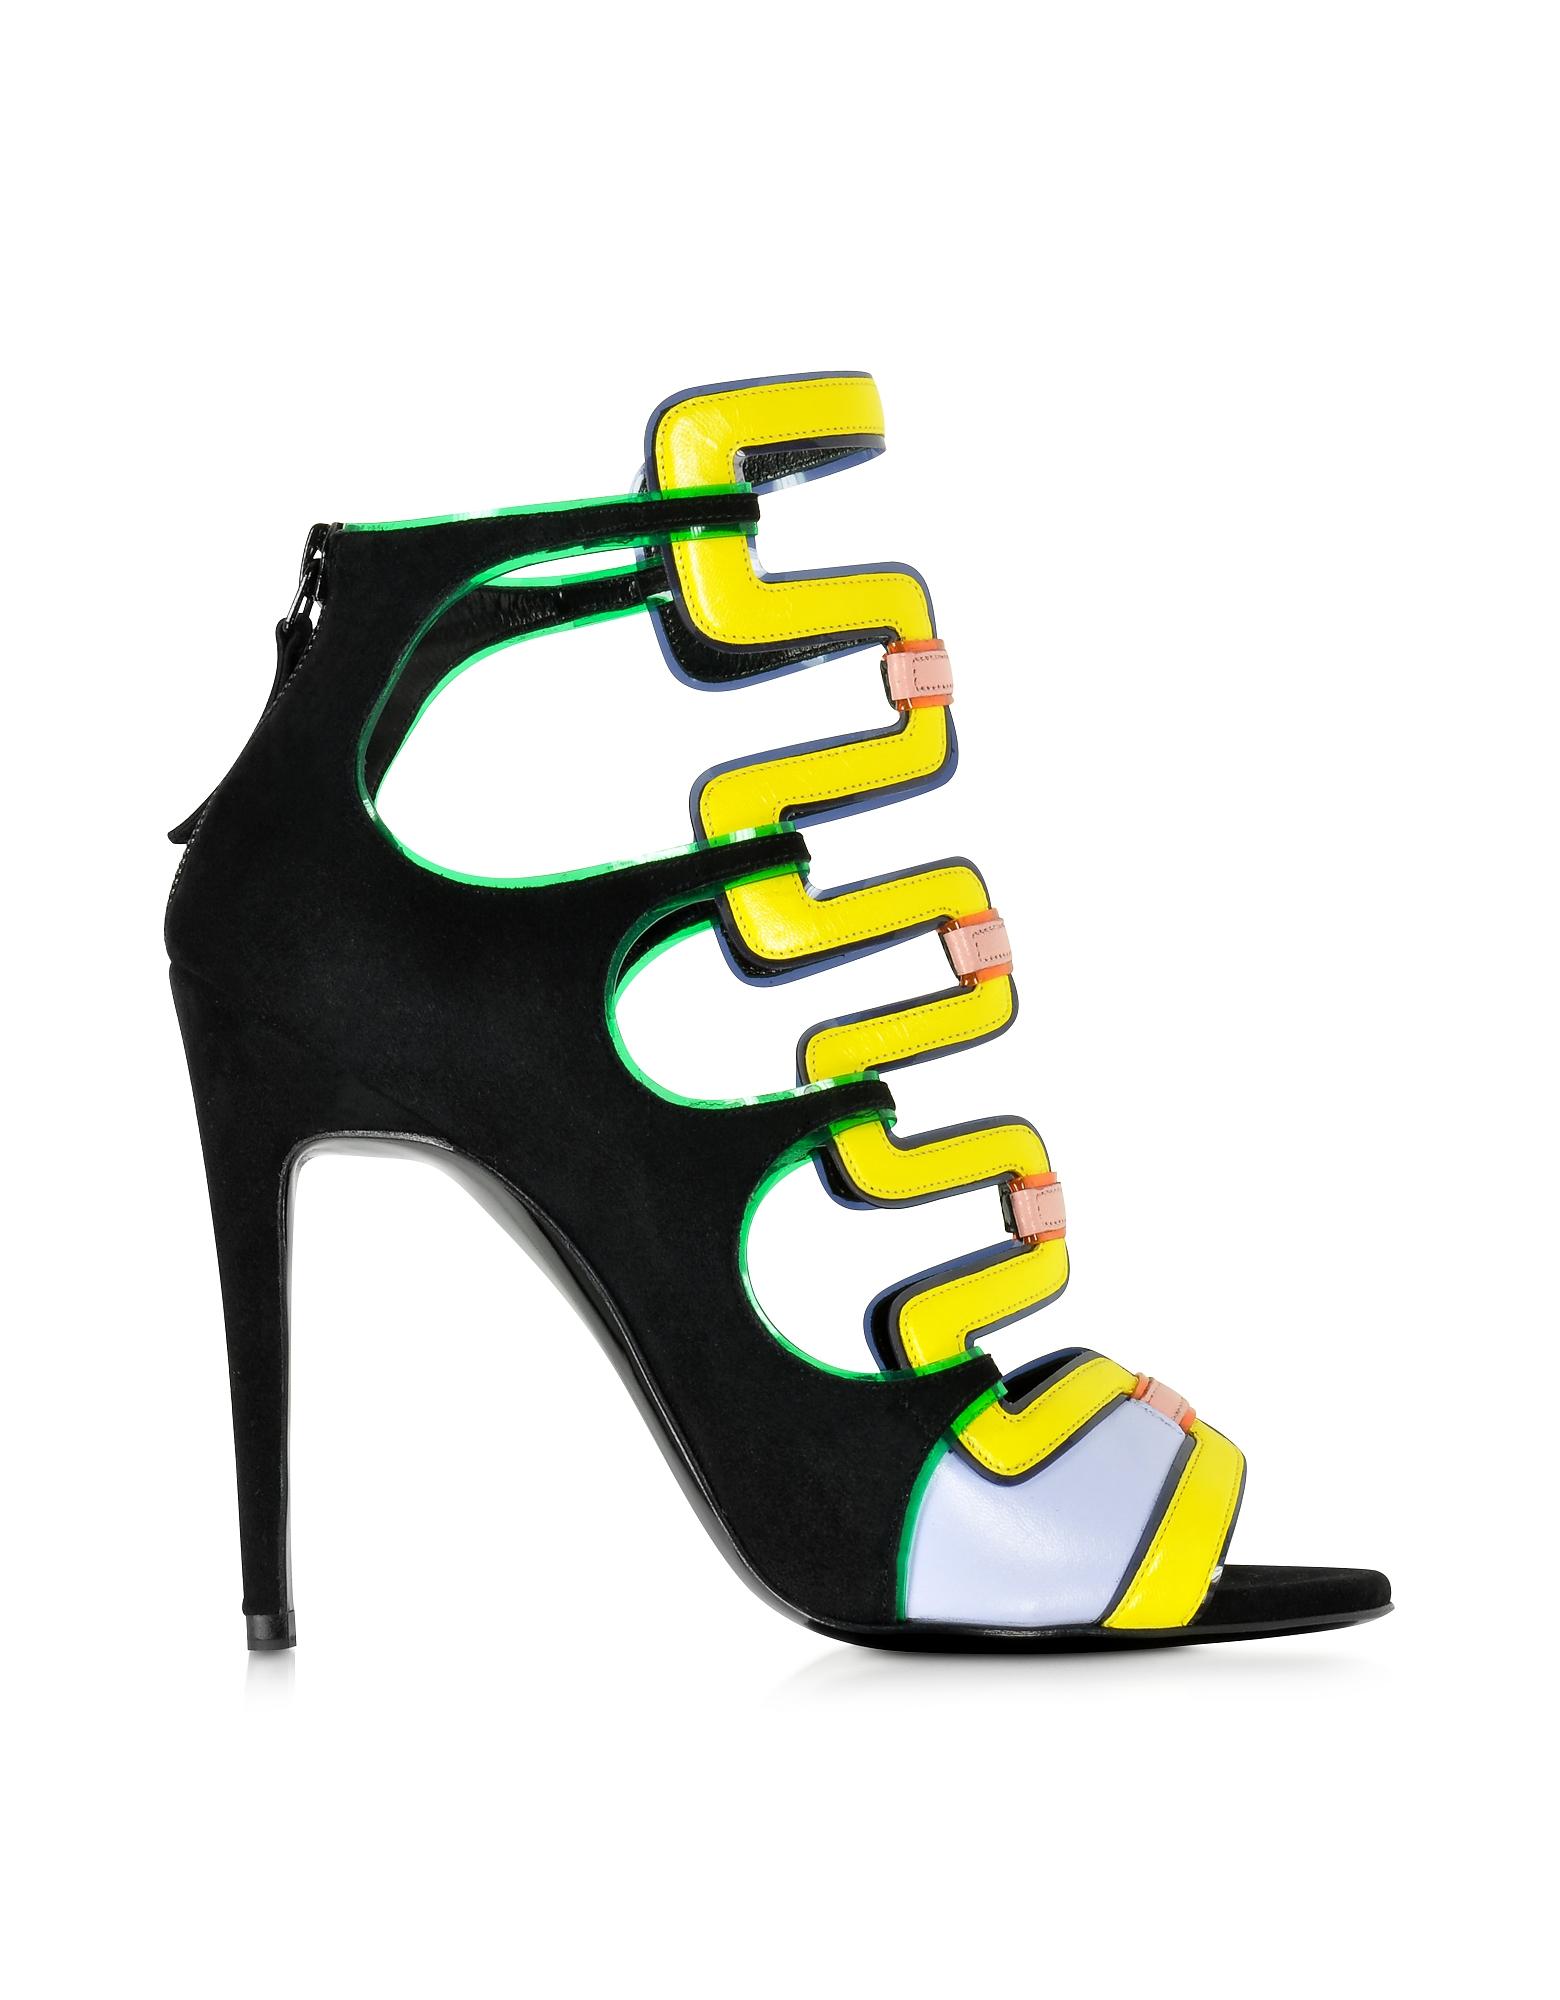 Pierre Hardy Shoes, Kaliste Multicolor Suede Sandal